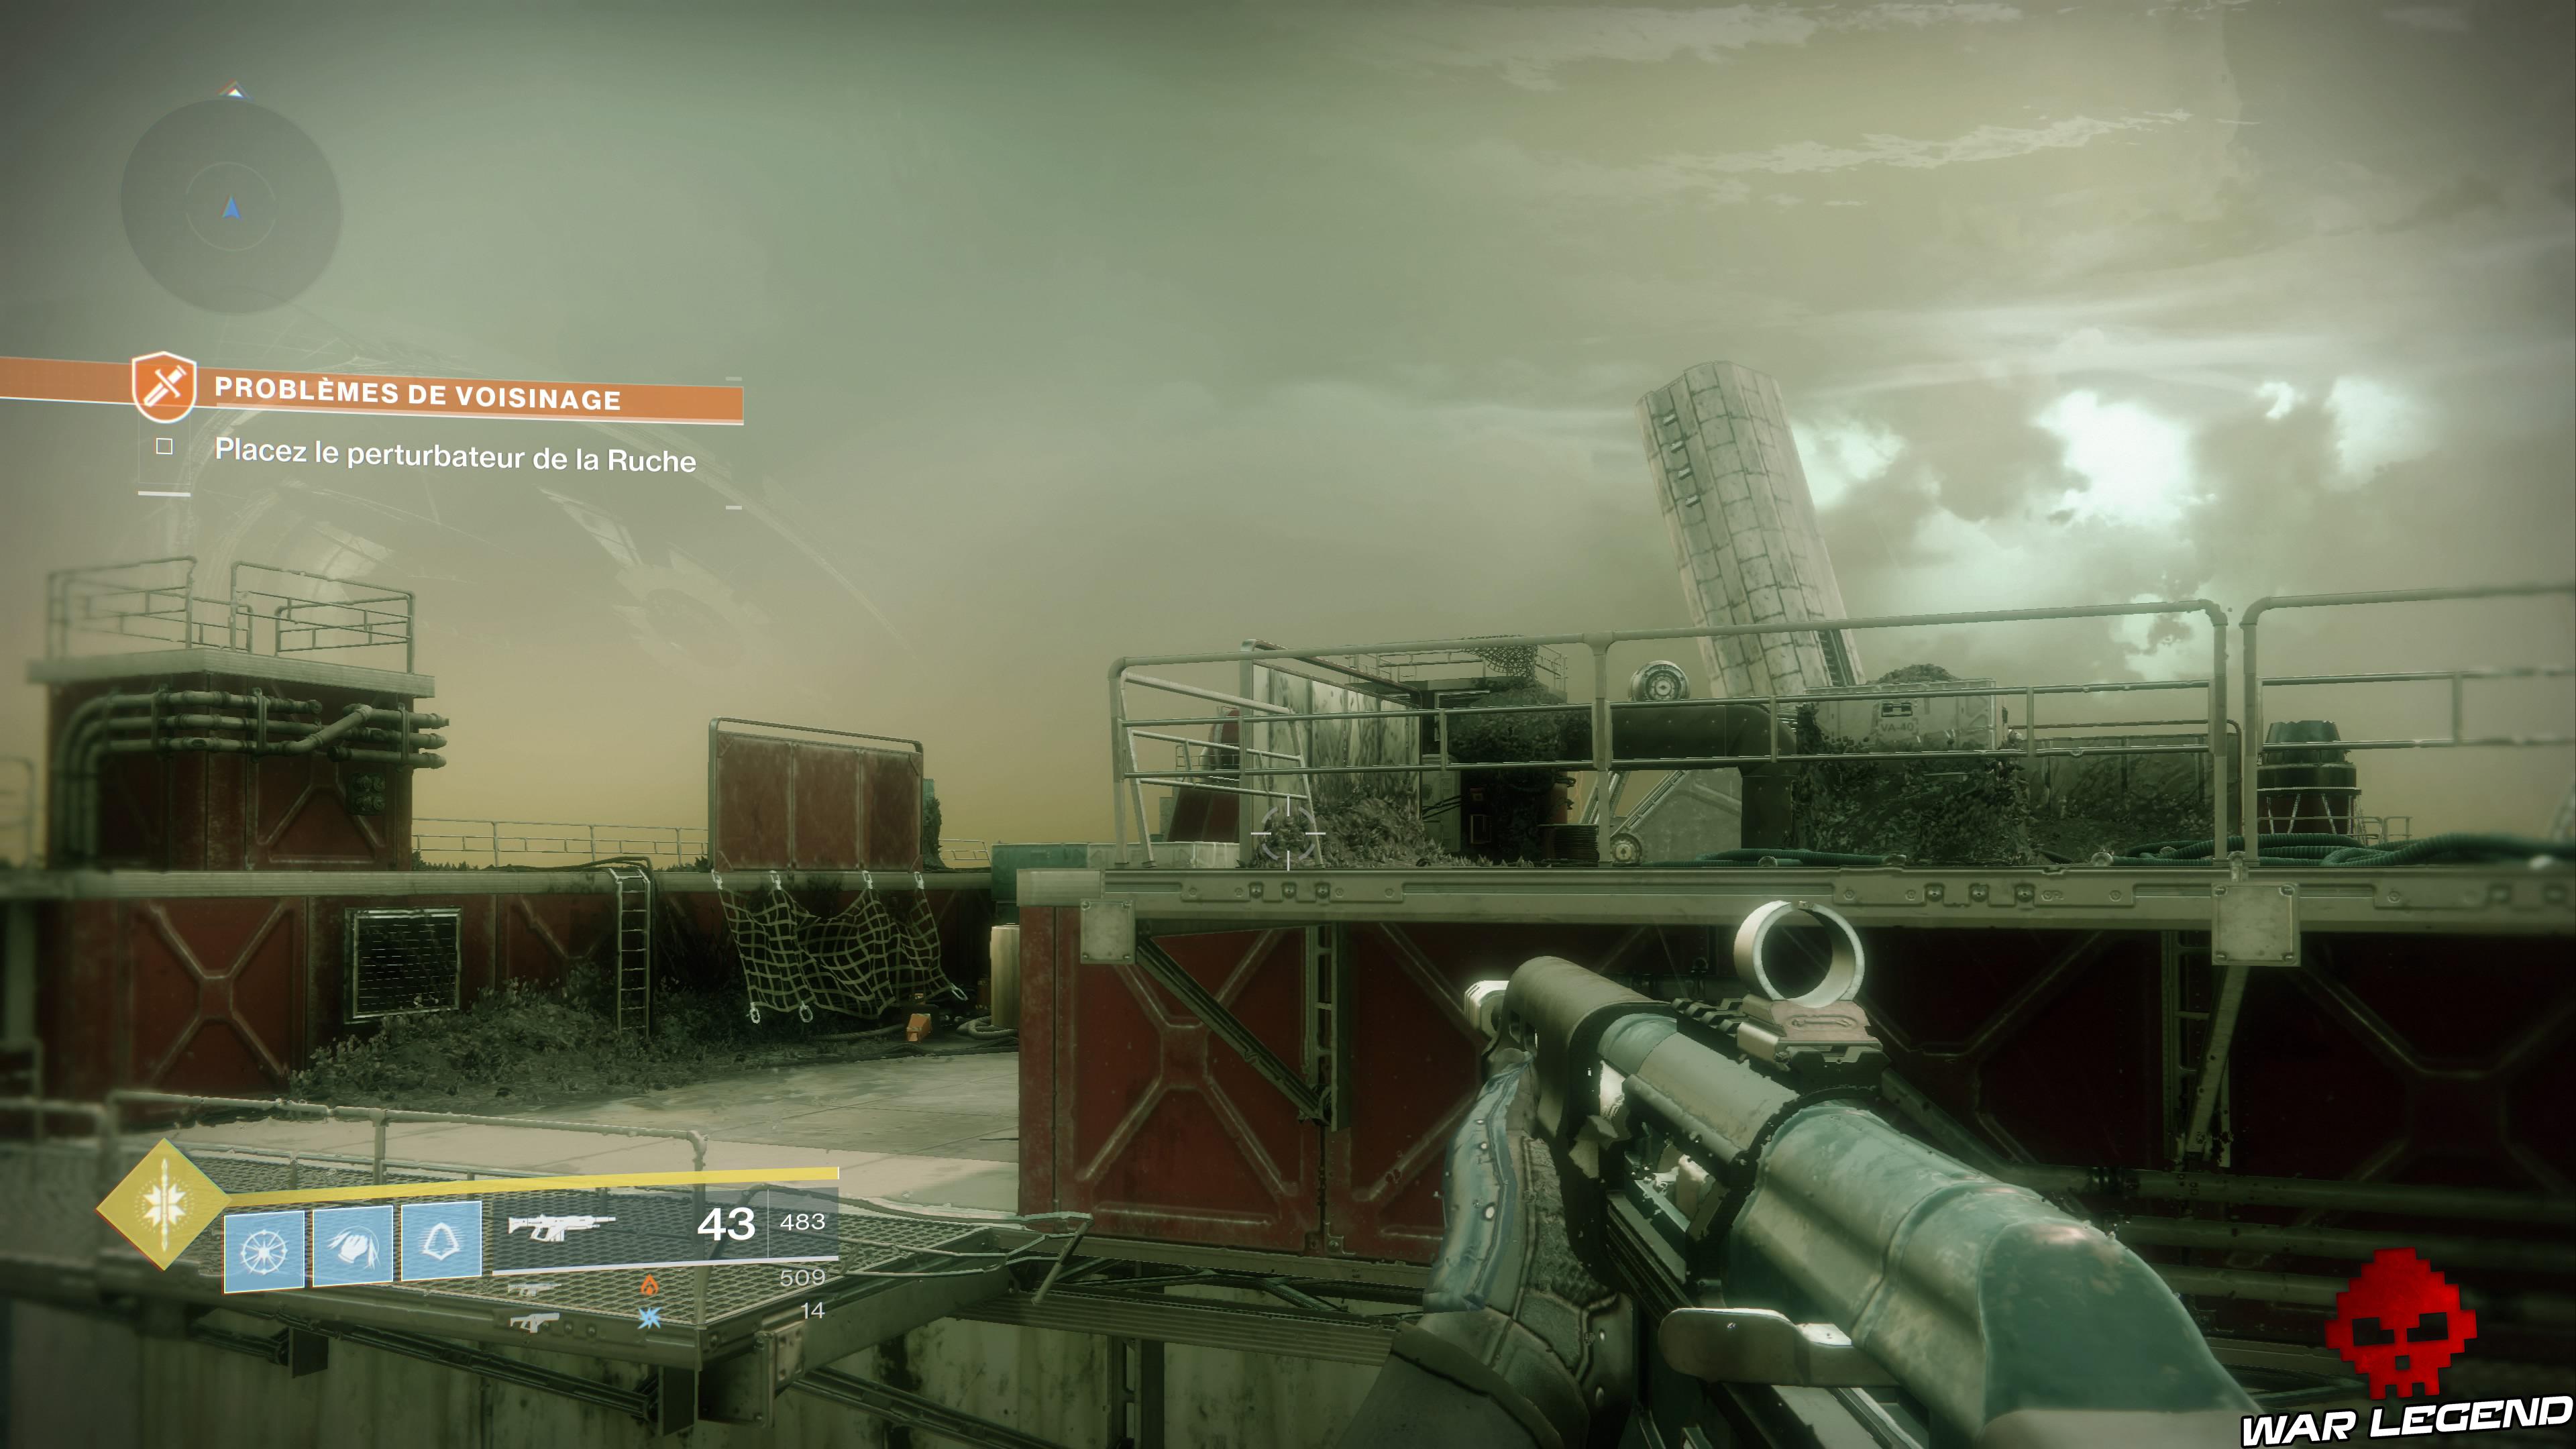 Soluce Destiny 2 - Problèmes de Voisinage